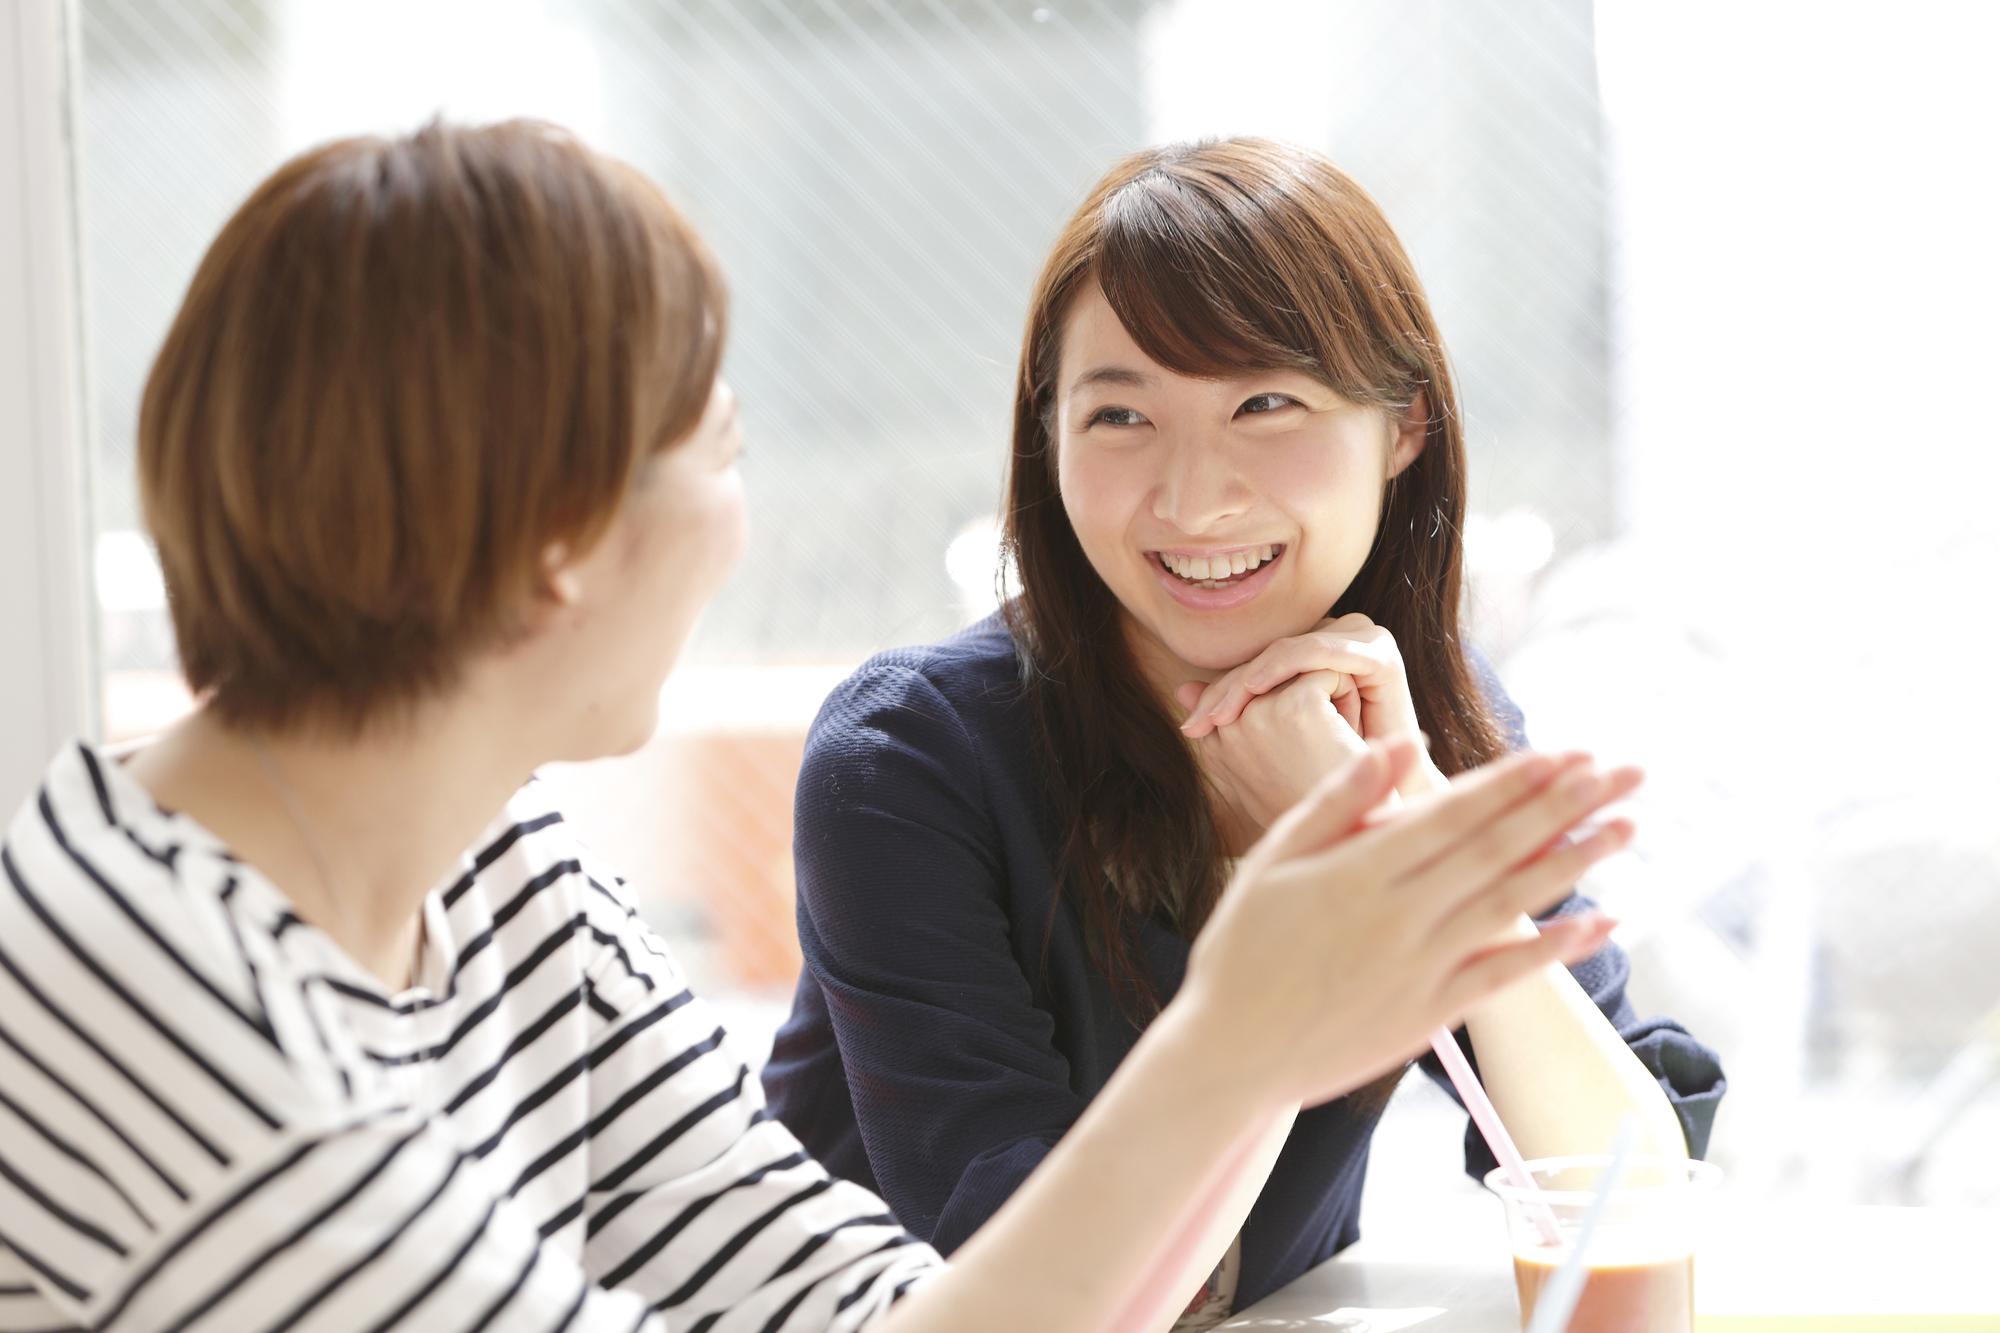 友人と談笑する女子学生